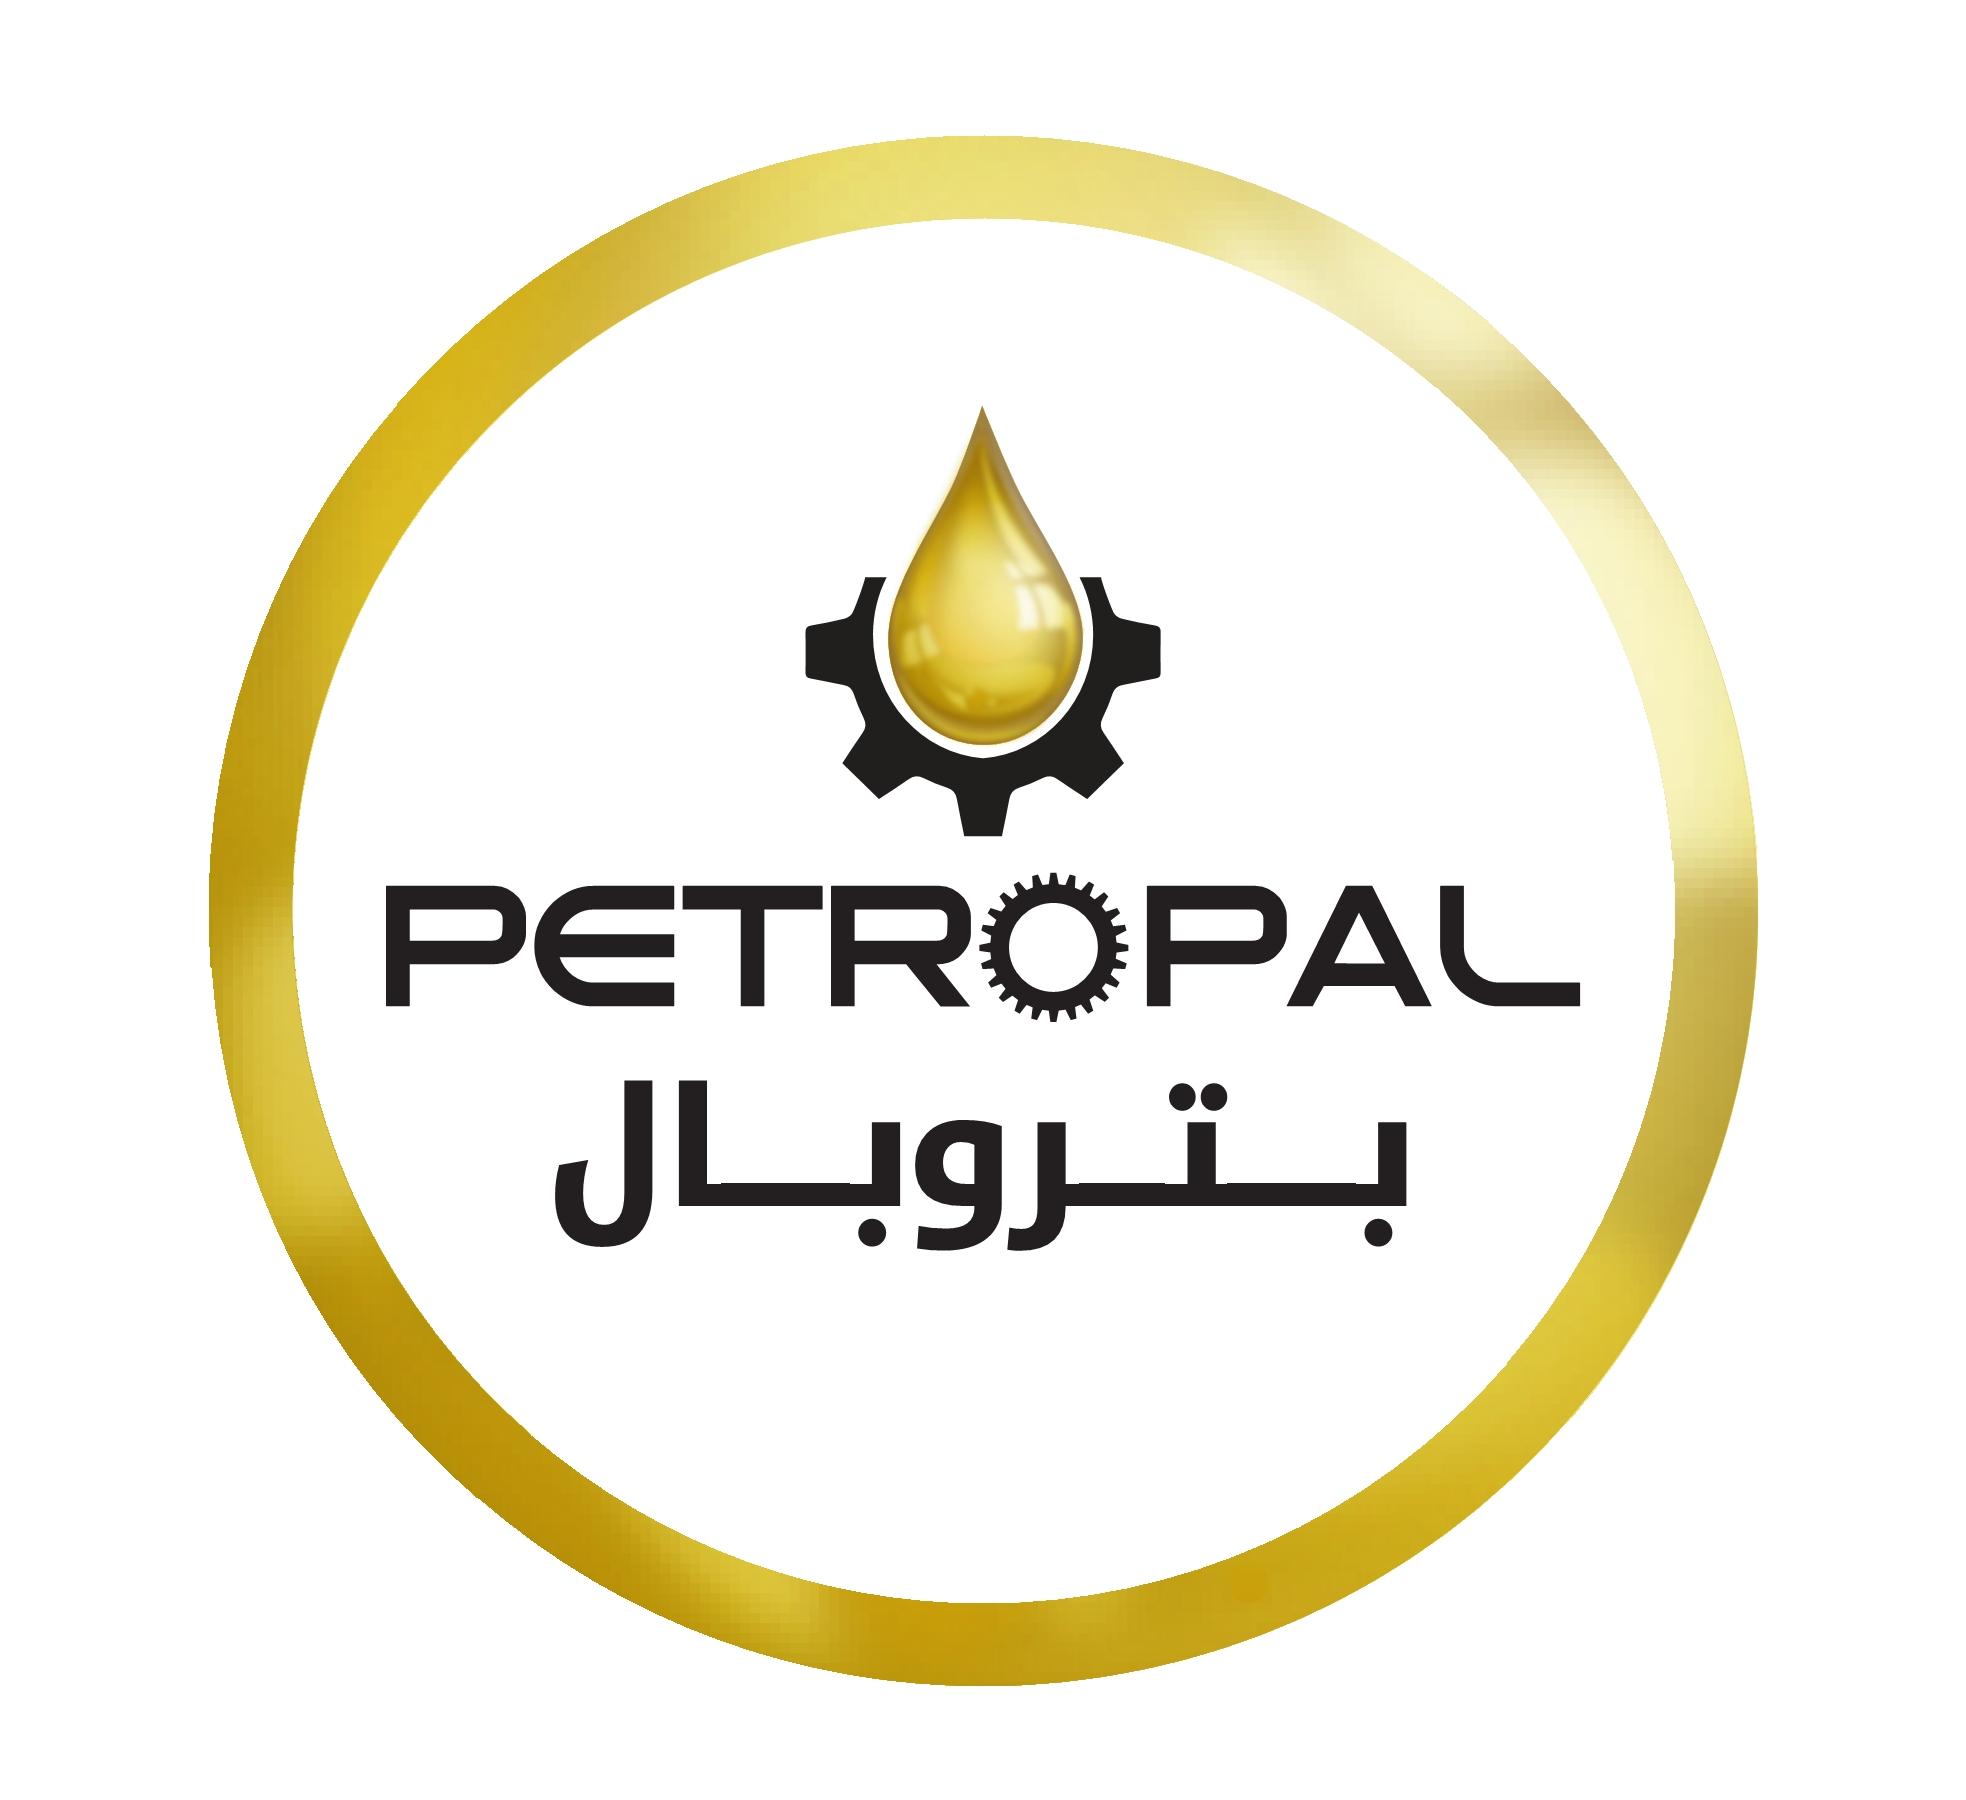 PetroPal